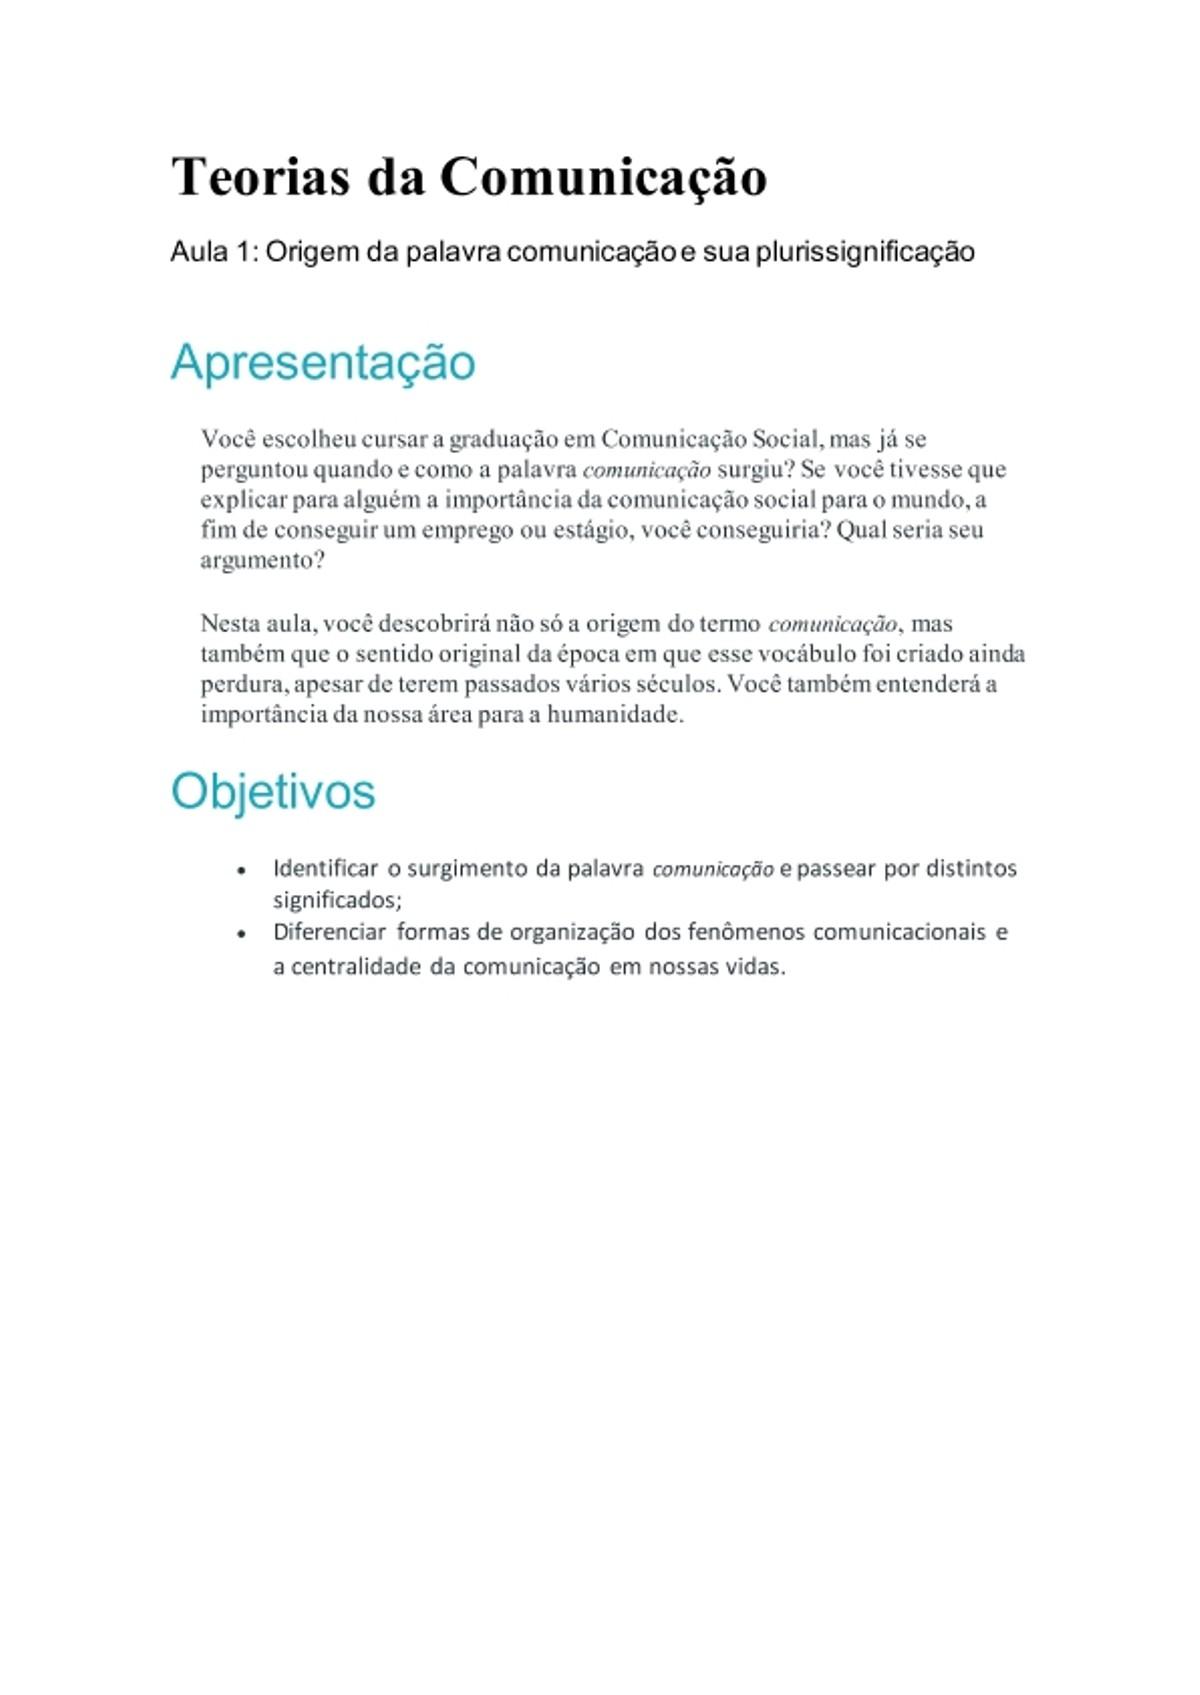 Pre-visualização do material Teorias da Comunicação - página 1